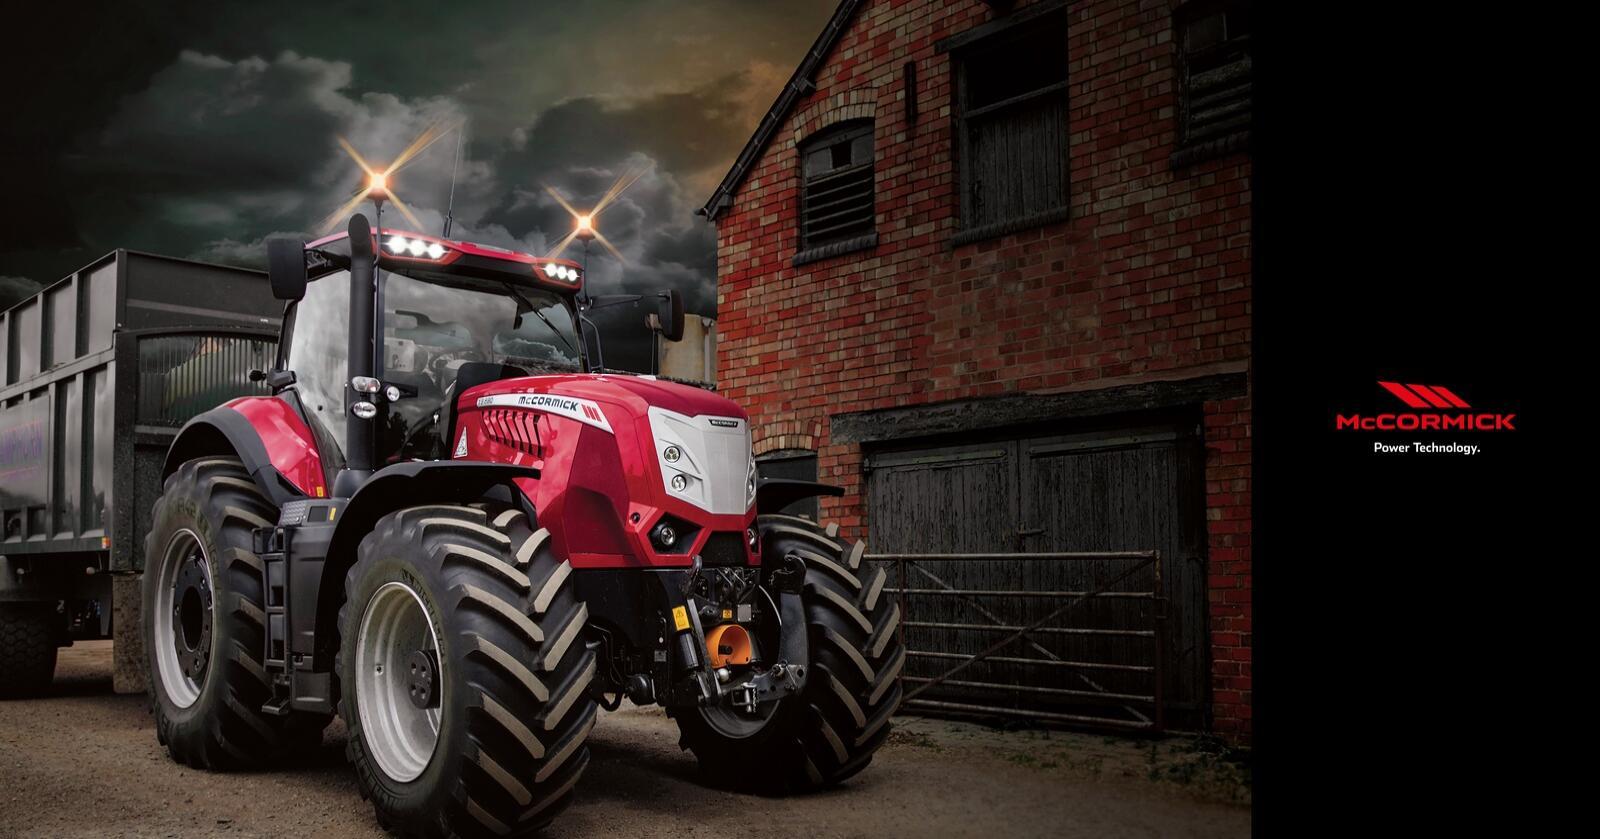 McCormick er et merke med tradisjoner i Norge. Lena Maskin solgte merket en periode på østlandet, i vest har Aase landbruk hatt hånd om salget. Italienske Argo Tractors S.p.A. står bak begge merkene.